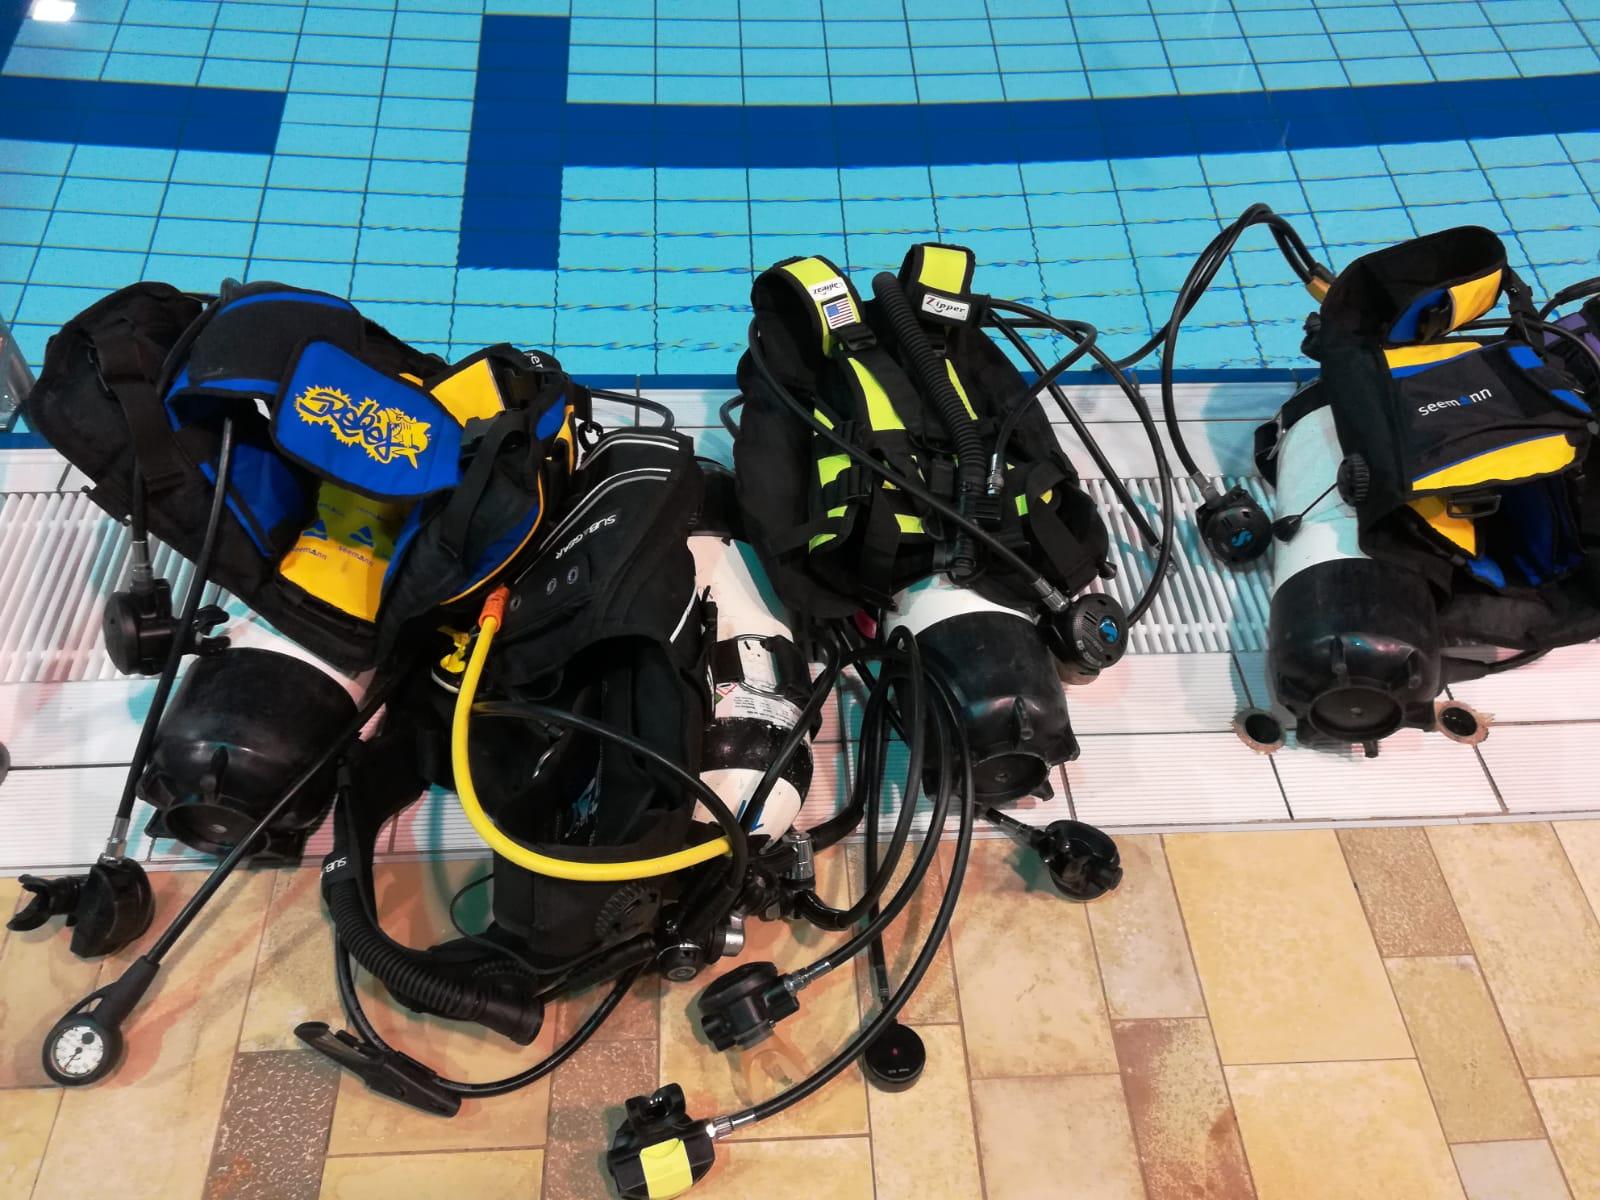 Drei Taucherausrüstungen (Sauerstoffflasche mit Oberkörperweste) liegen am Schwimmbadbeckenrand.